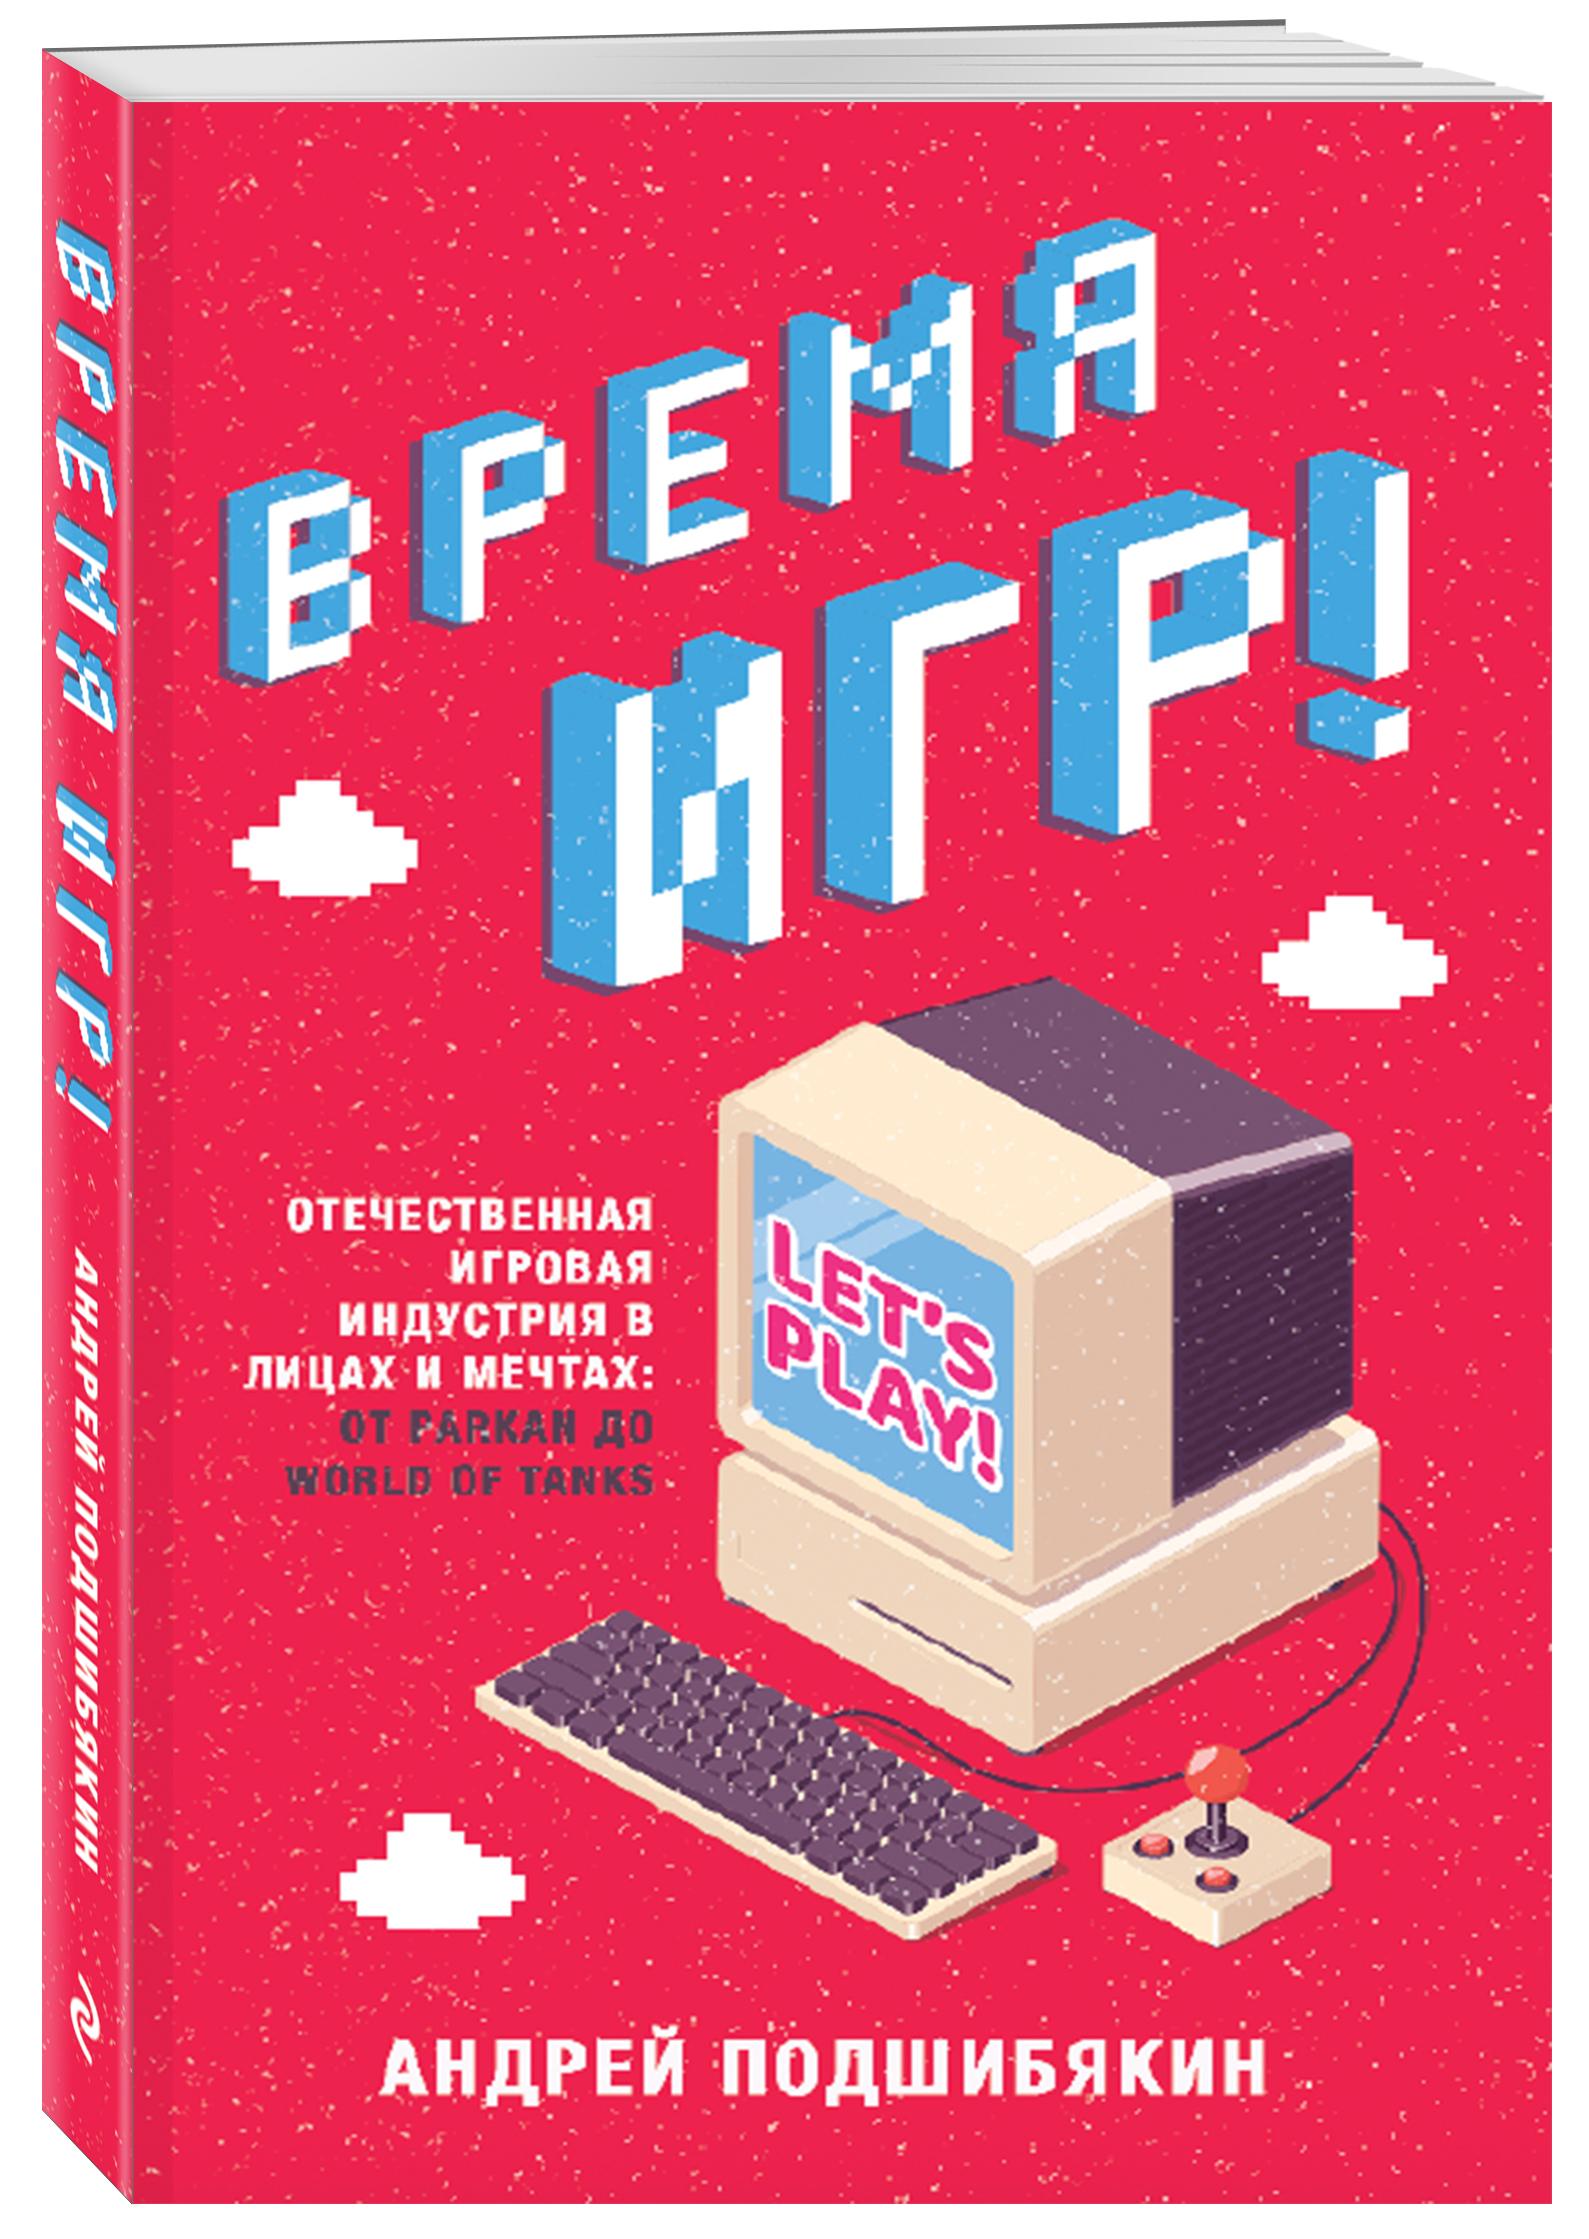 Игровая индустрия в России. Как, кто и сколько стоит сколько стоит редерм